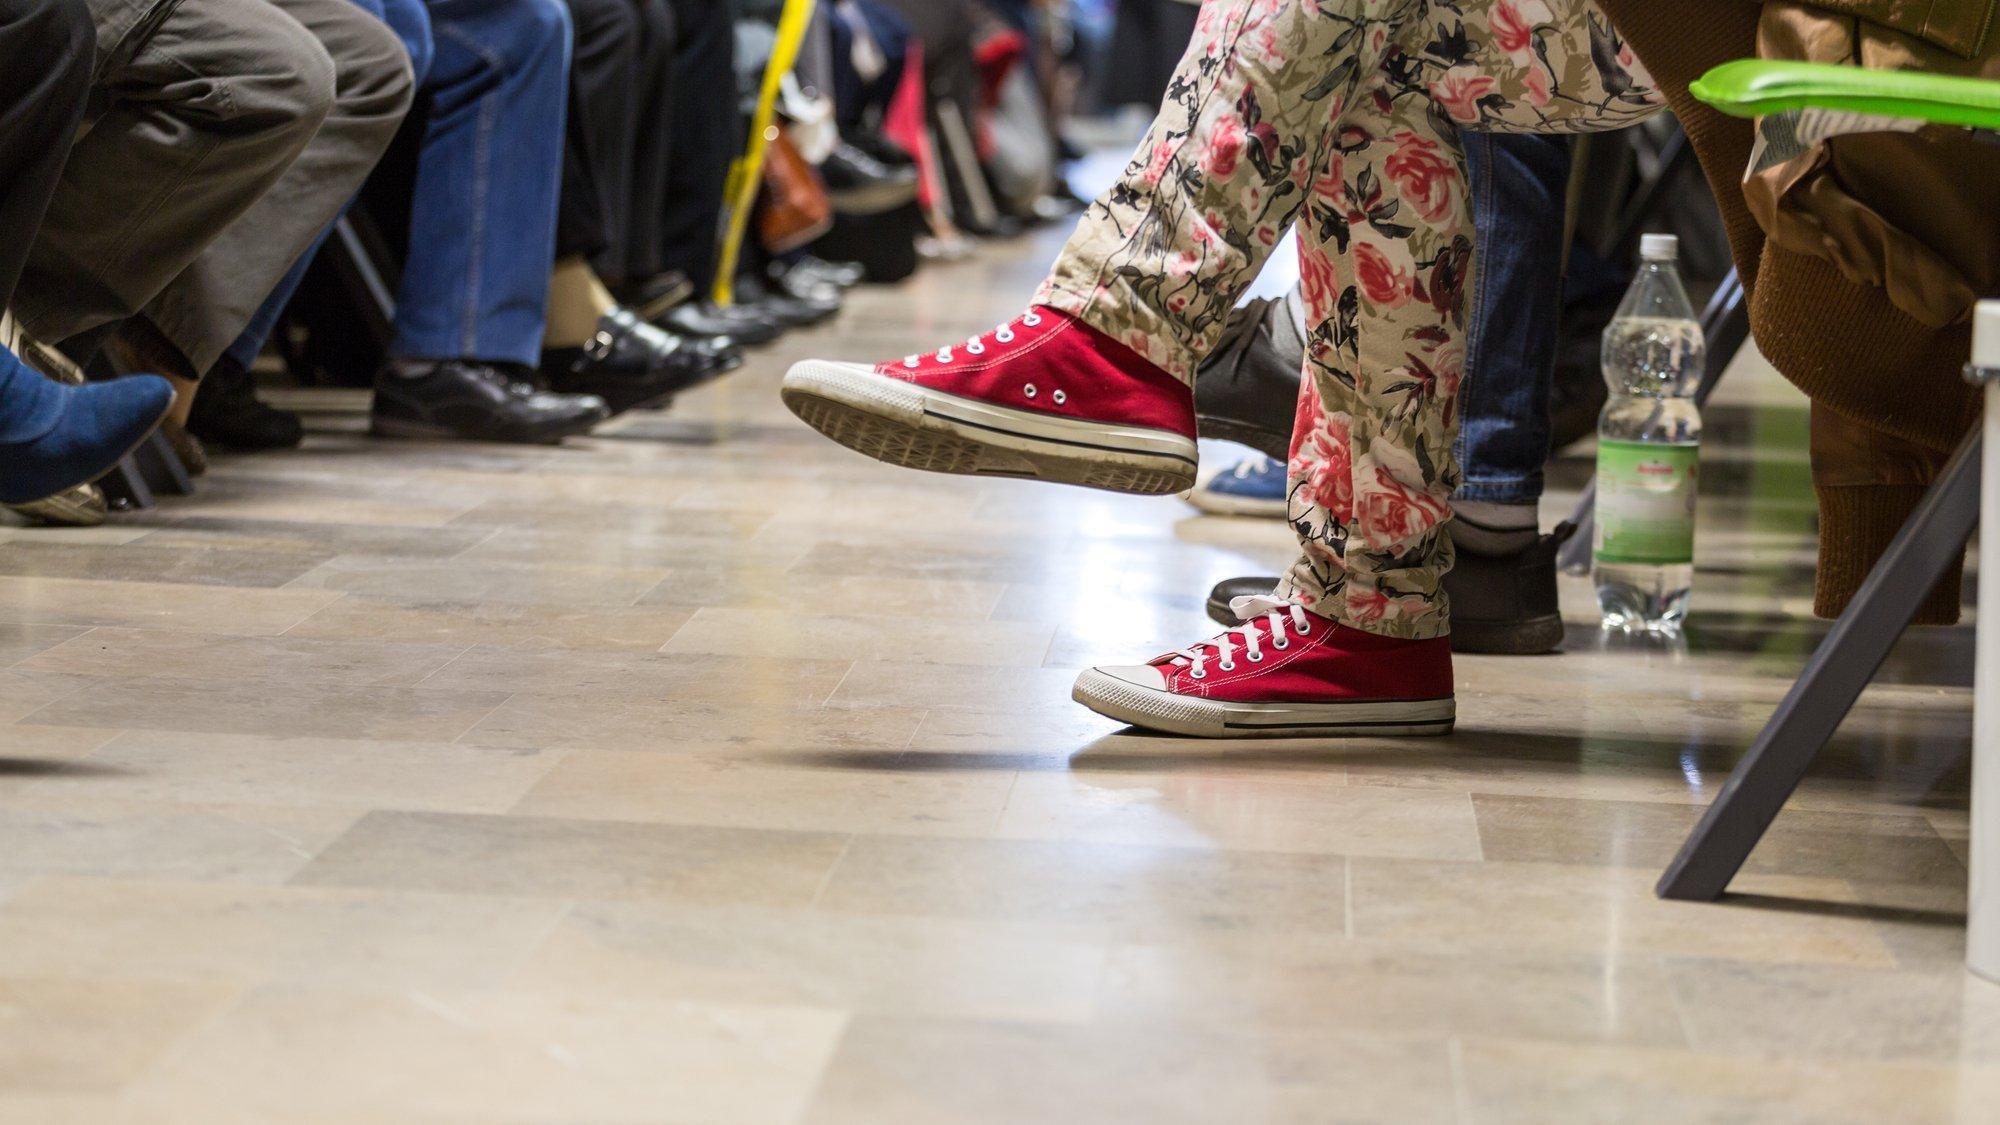 Bild mit vielen Beinen von Menschen, die in einem Wartezimmer sitzen.